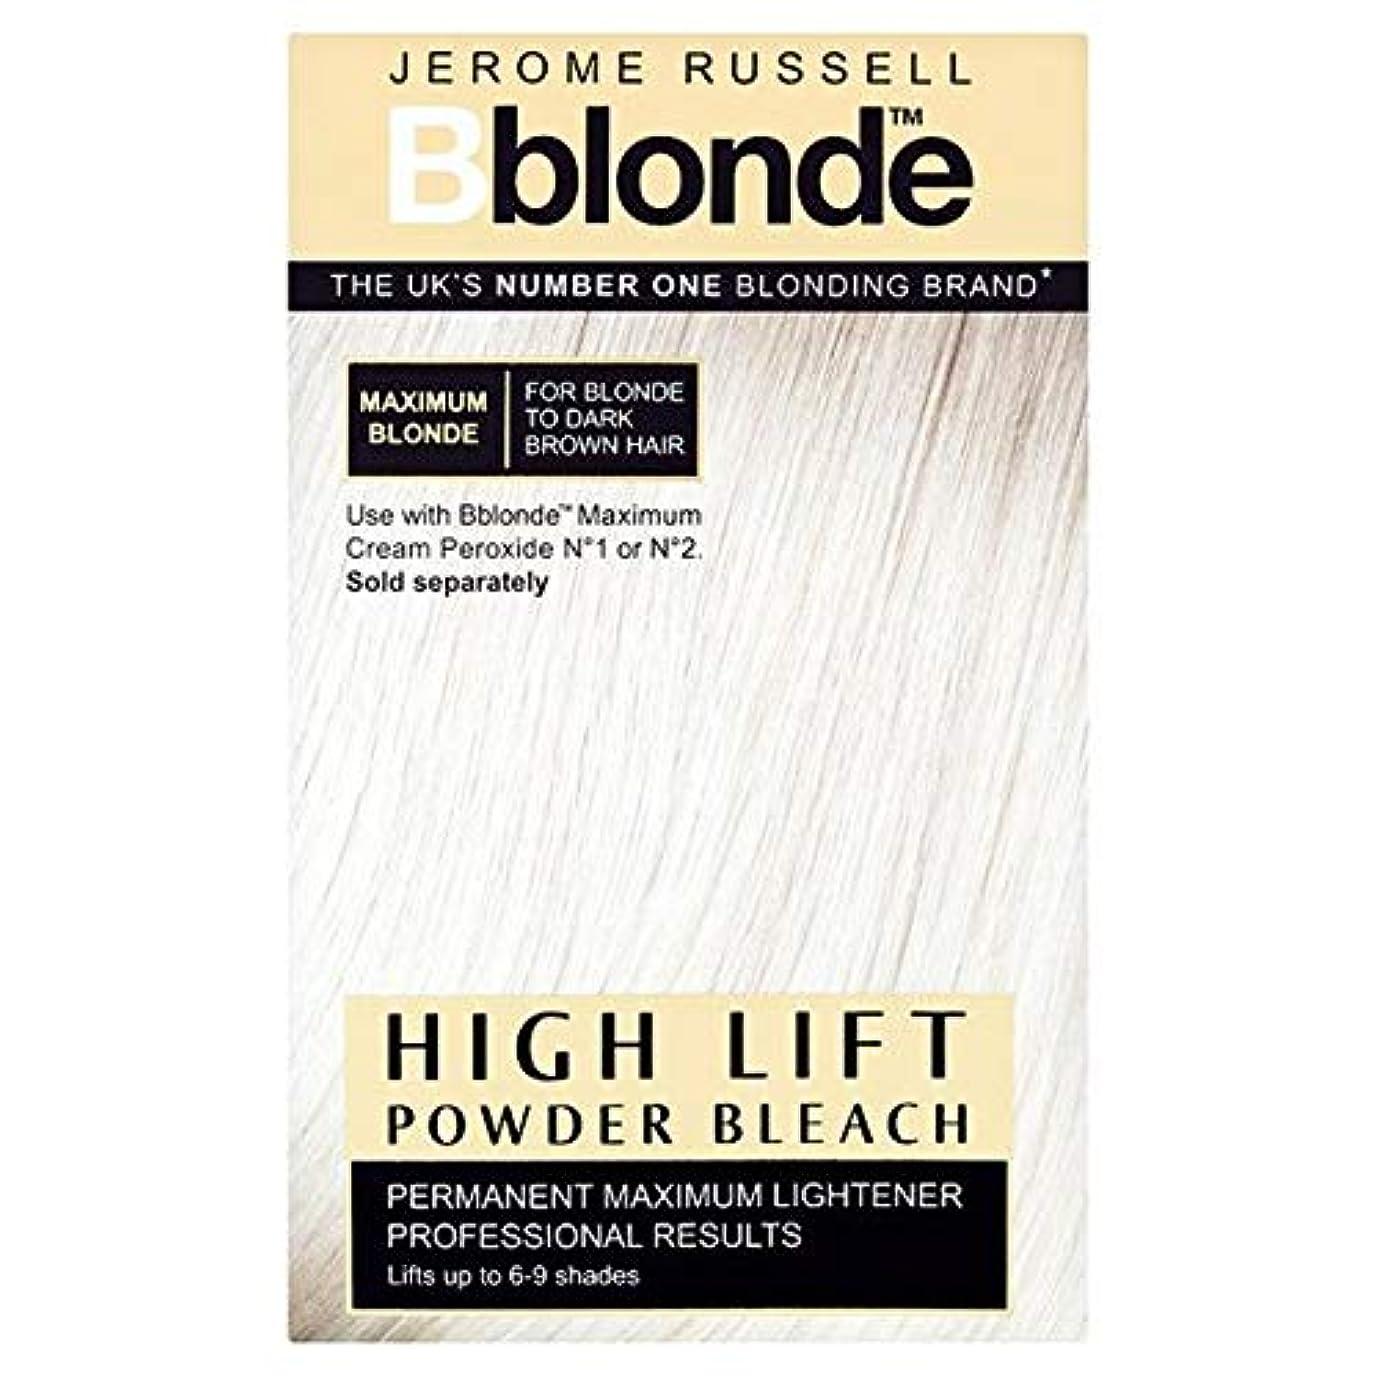 ランチランダム買収[Jerome Russell] ジェロームラッセルBブロンド高リフト粉末漂白剤 - Jerome Russell B Blonde High Lift Powder Bleach [並行輸入品]